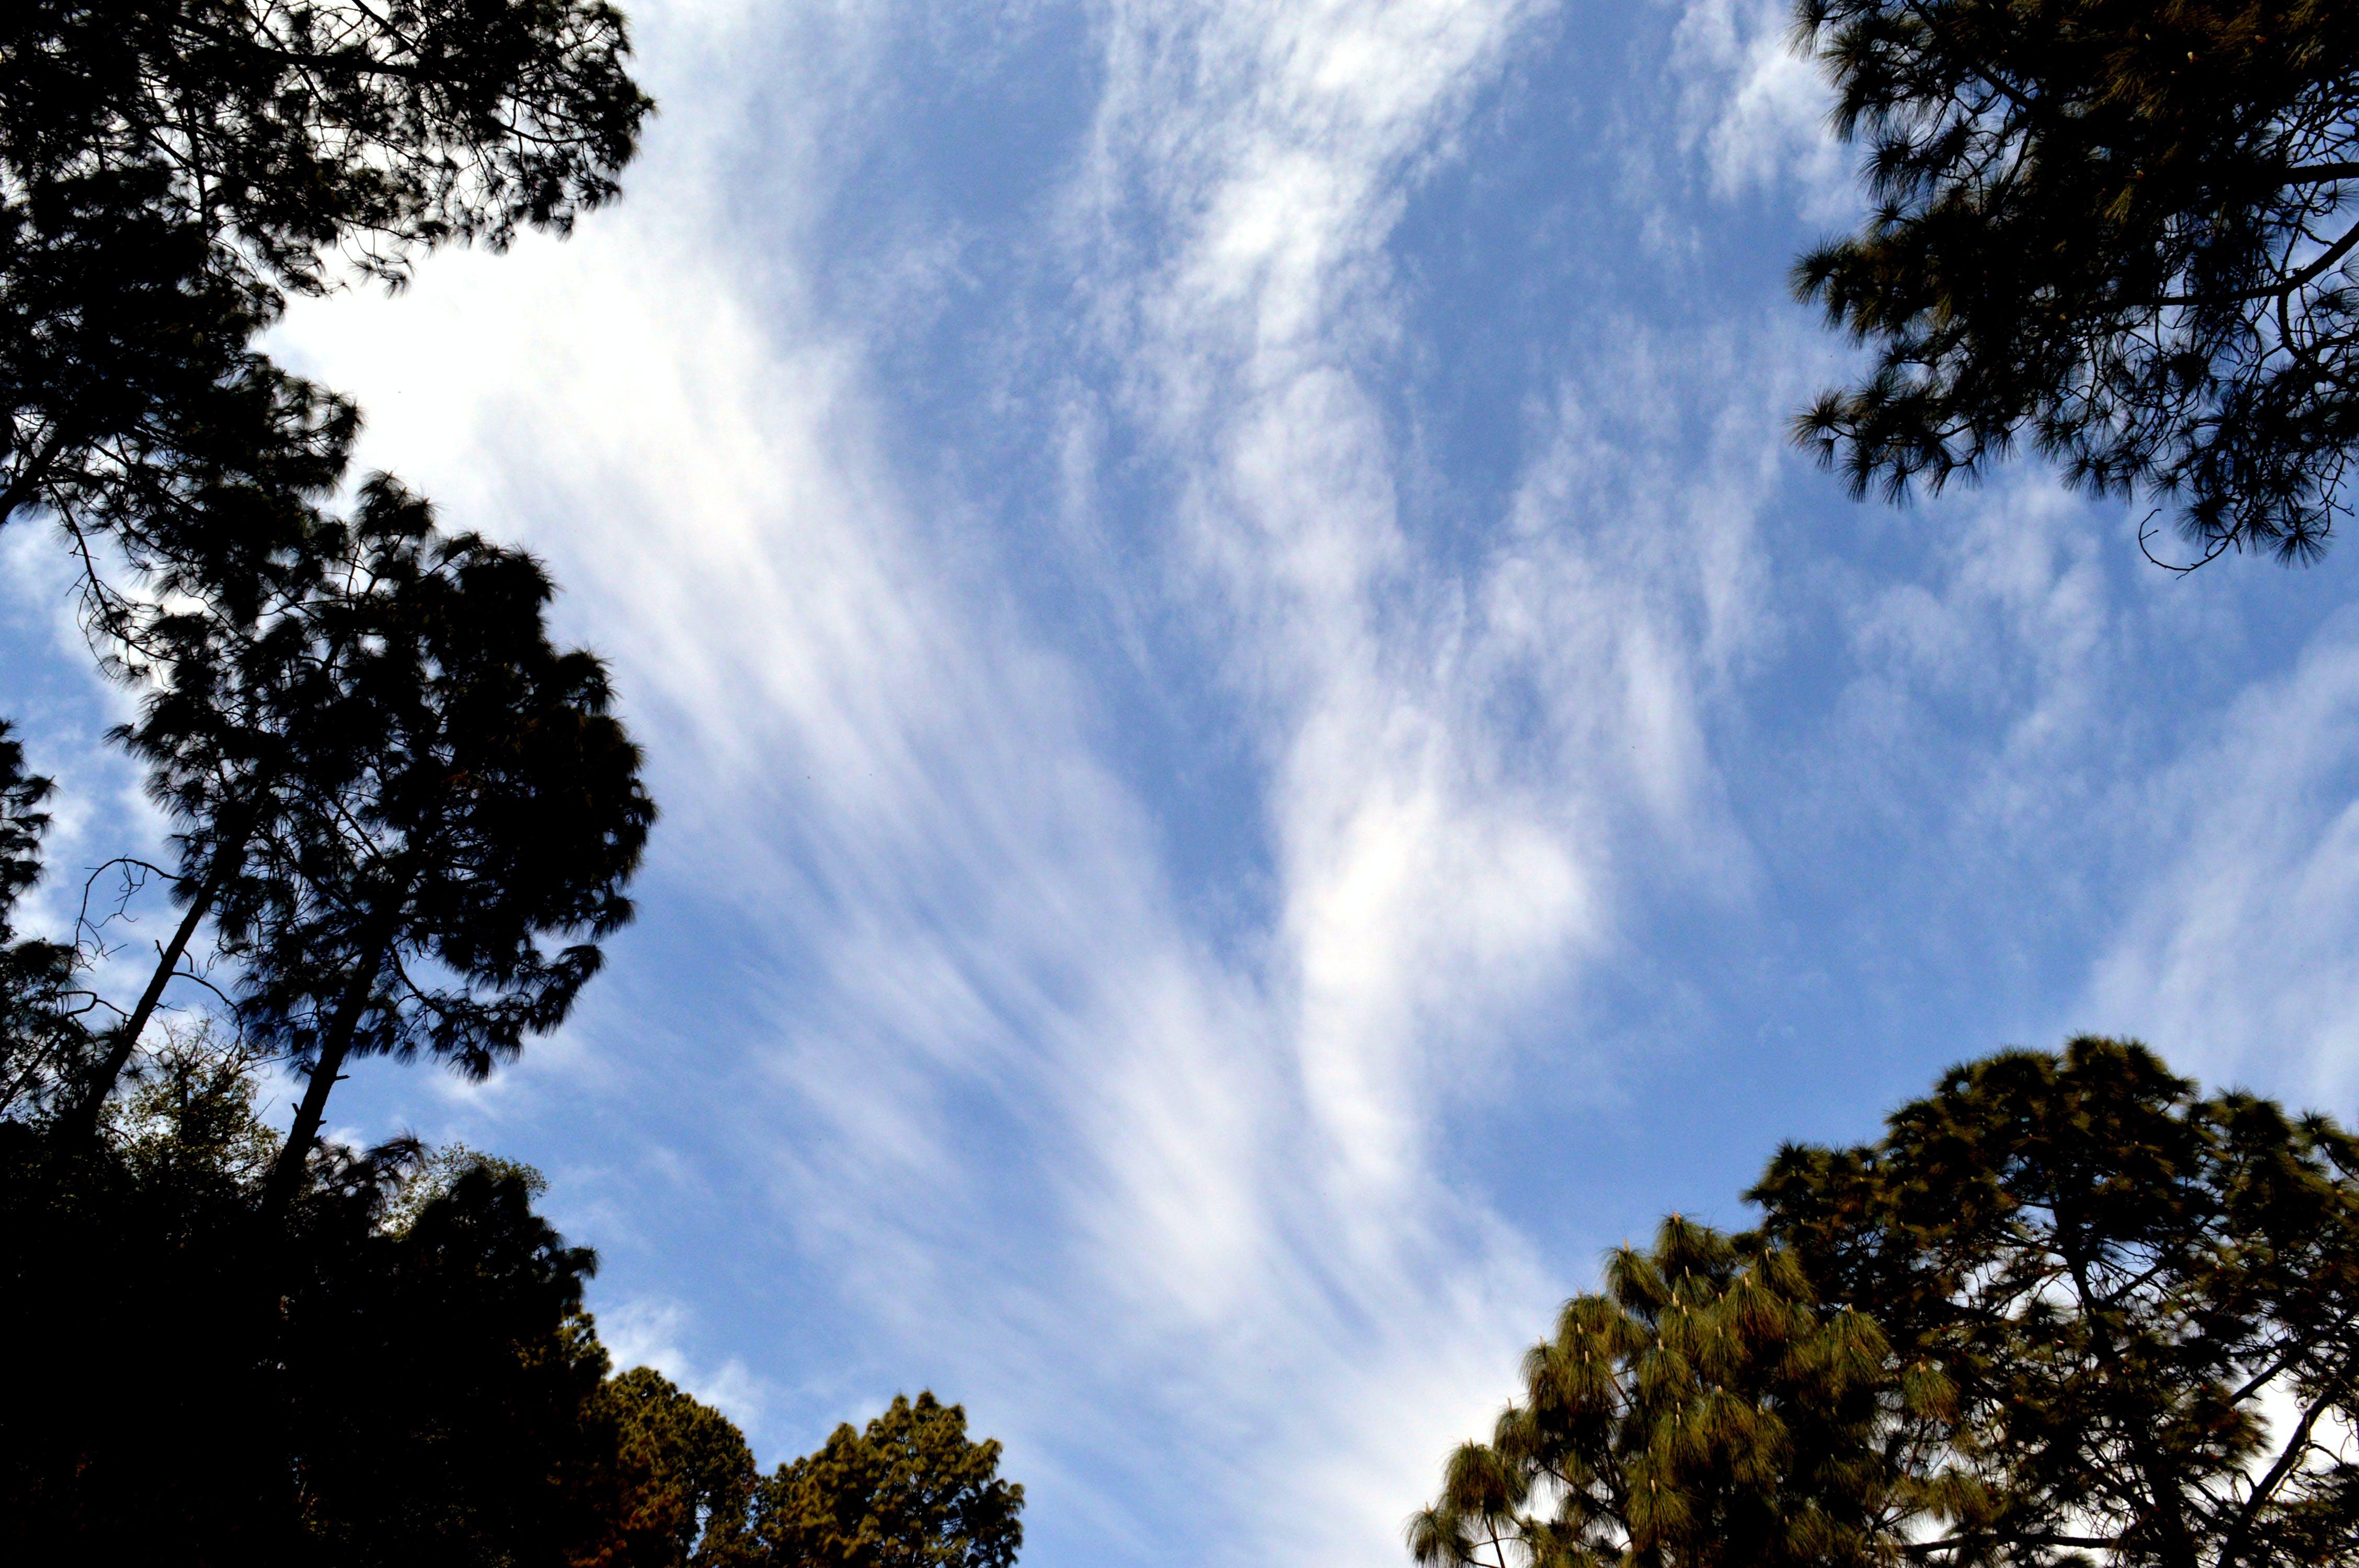 パーク, 光, 天気, 日光の無料の写真素材